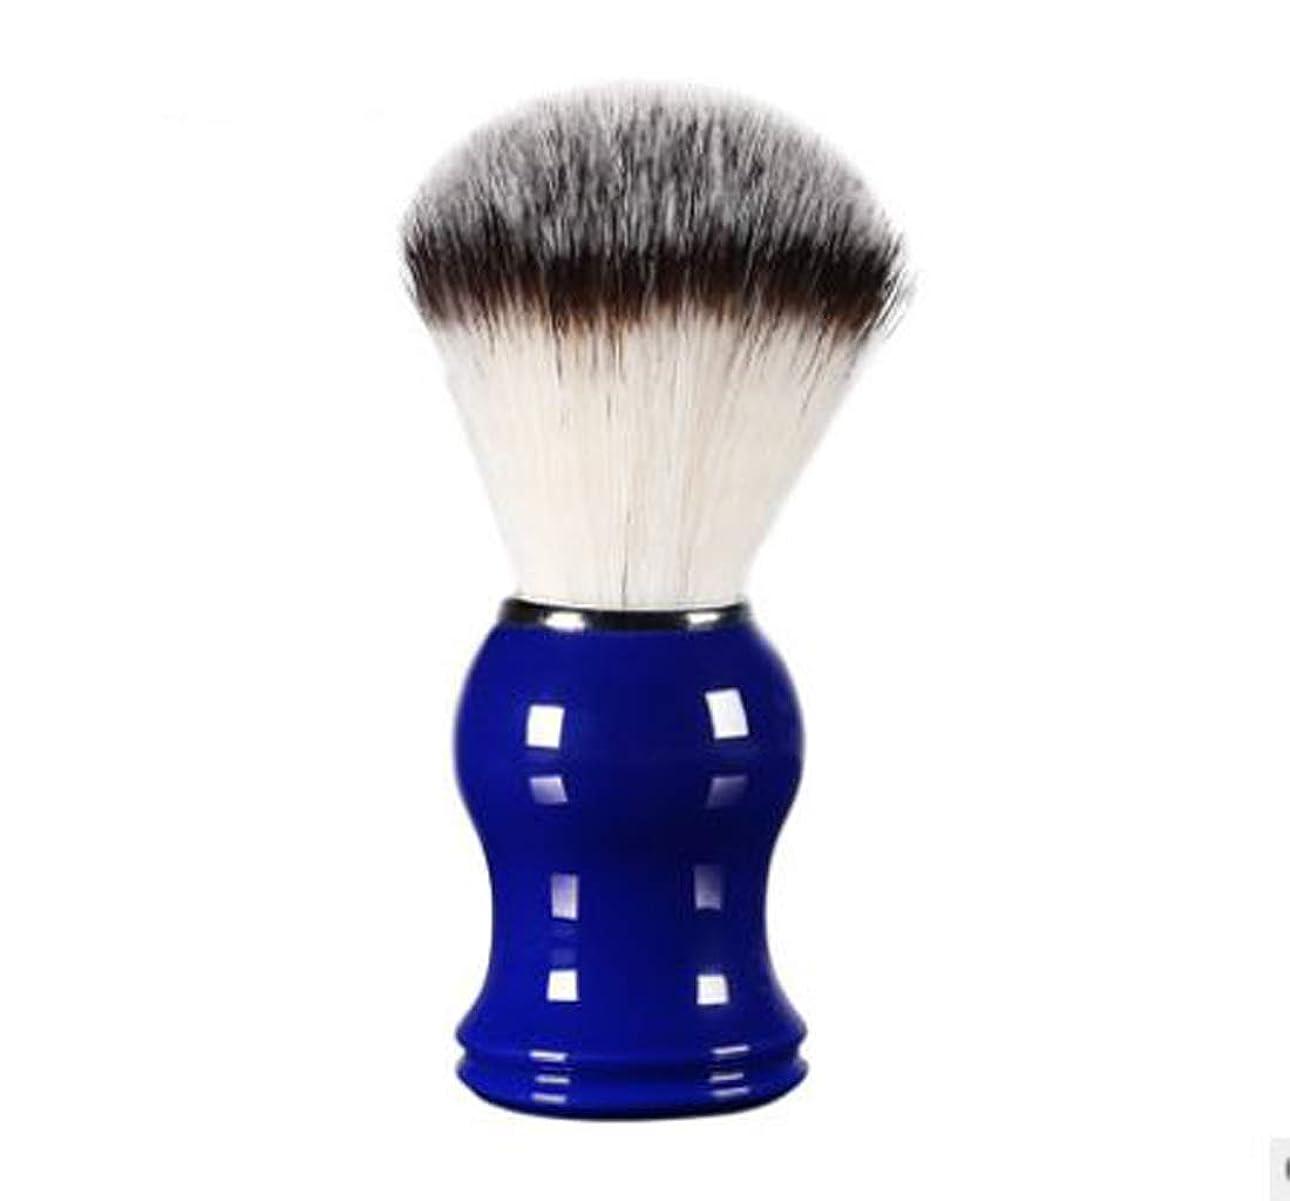 蒸発する地域修羅場メンズ用 髭剃り シェービング ブラシ 男性 ギフト理容 洗顔 100% Pure Badger Shaving Brush (ブルー)